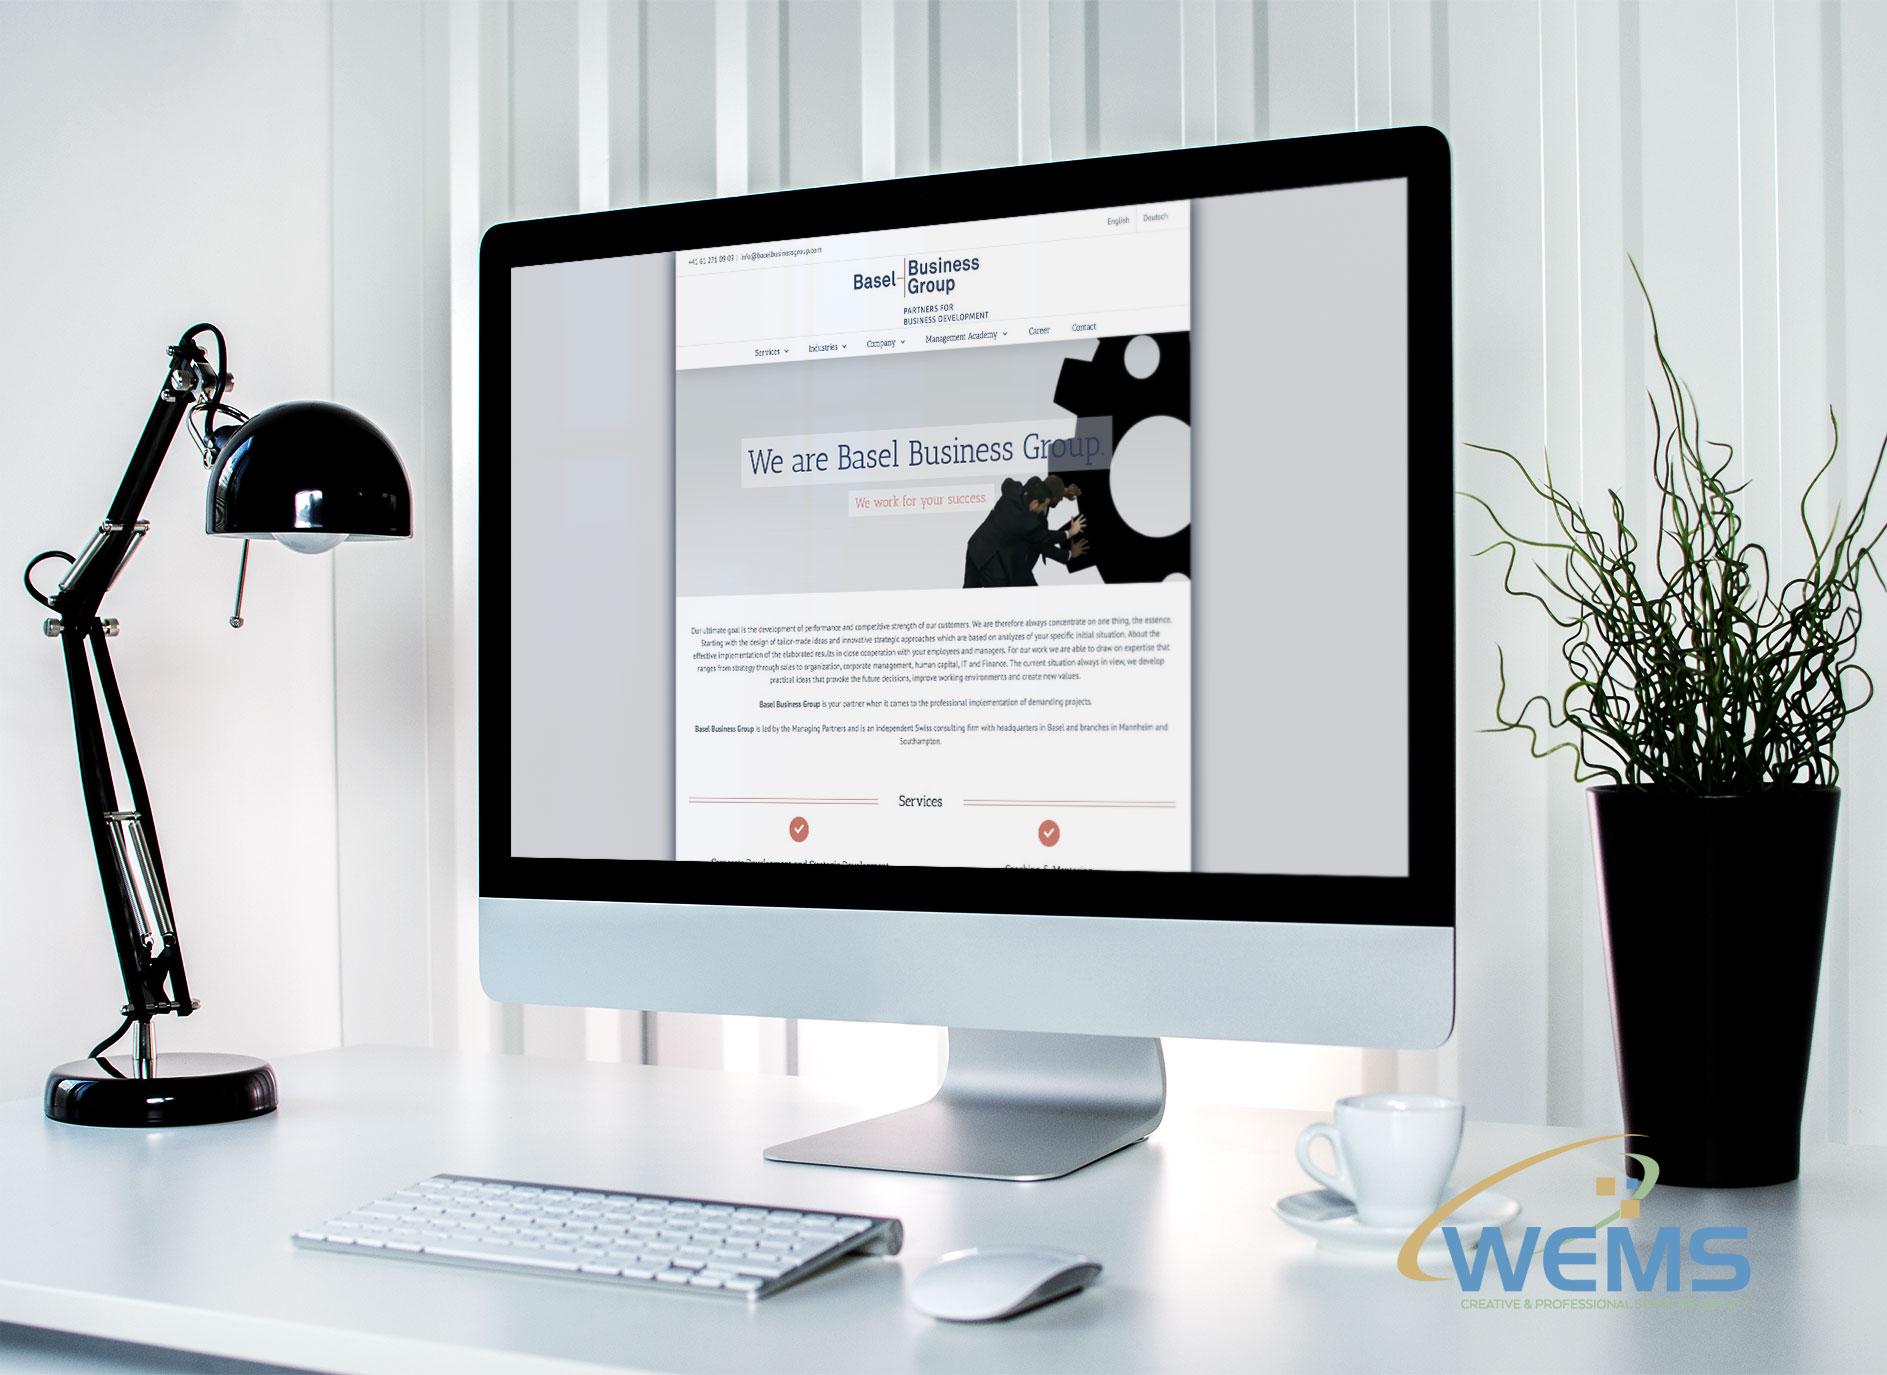 basel business groups 2 - Webdesign et optimisation pour les moteurs de recherche (SEO)